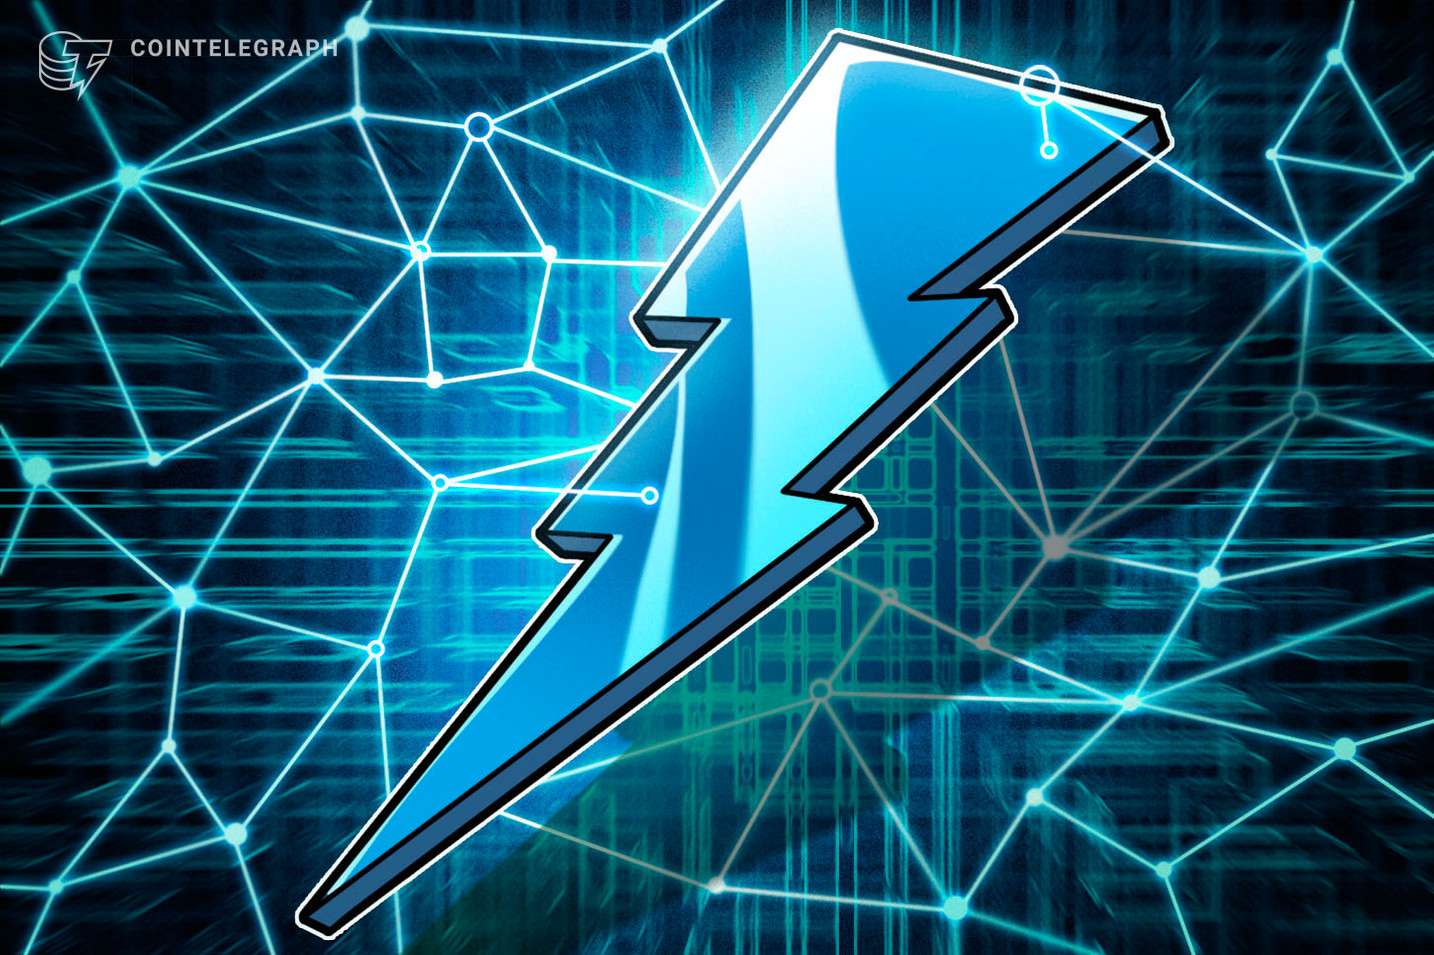 Samson Mow: Bitcoin non va bene per i pagamenti, la Lightning risolve questo problema